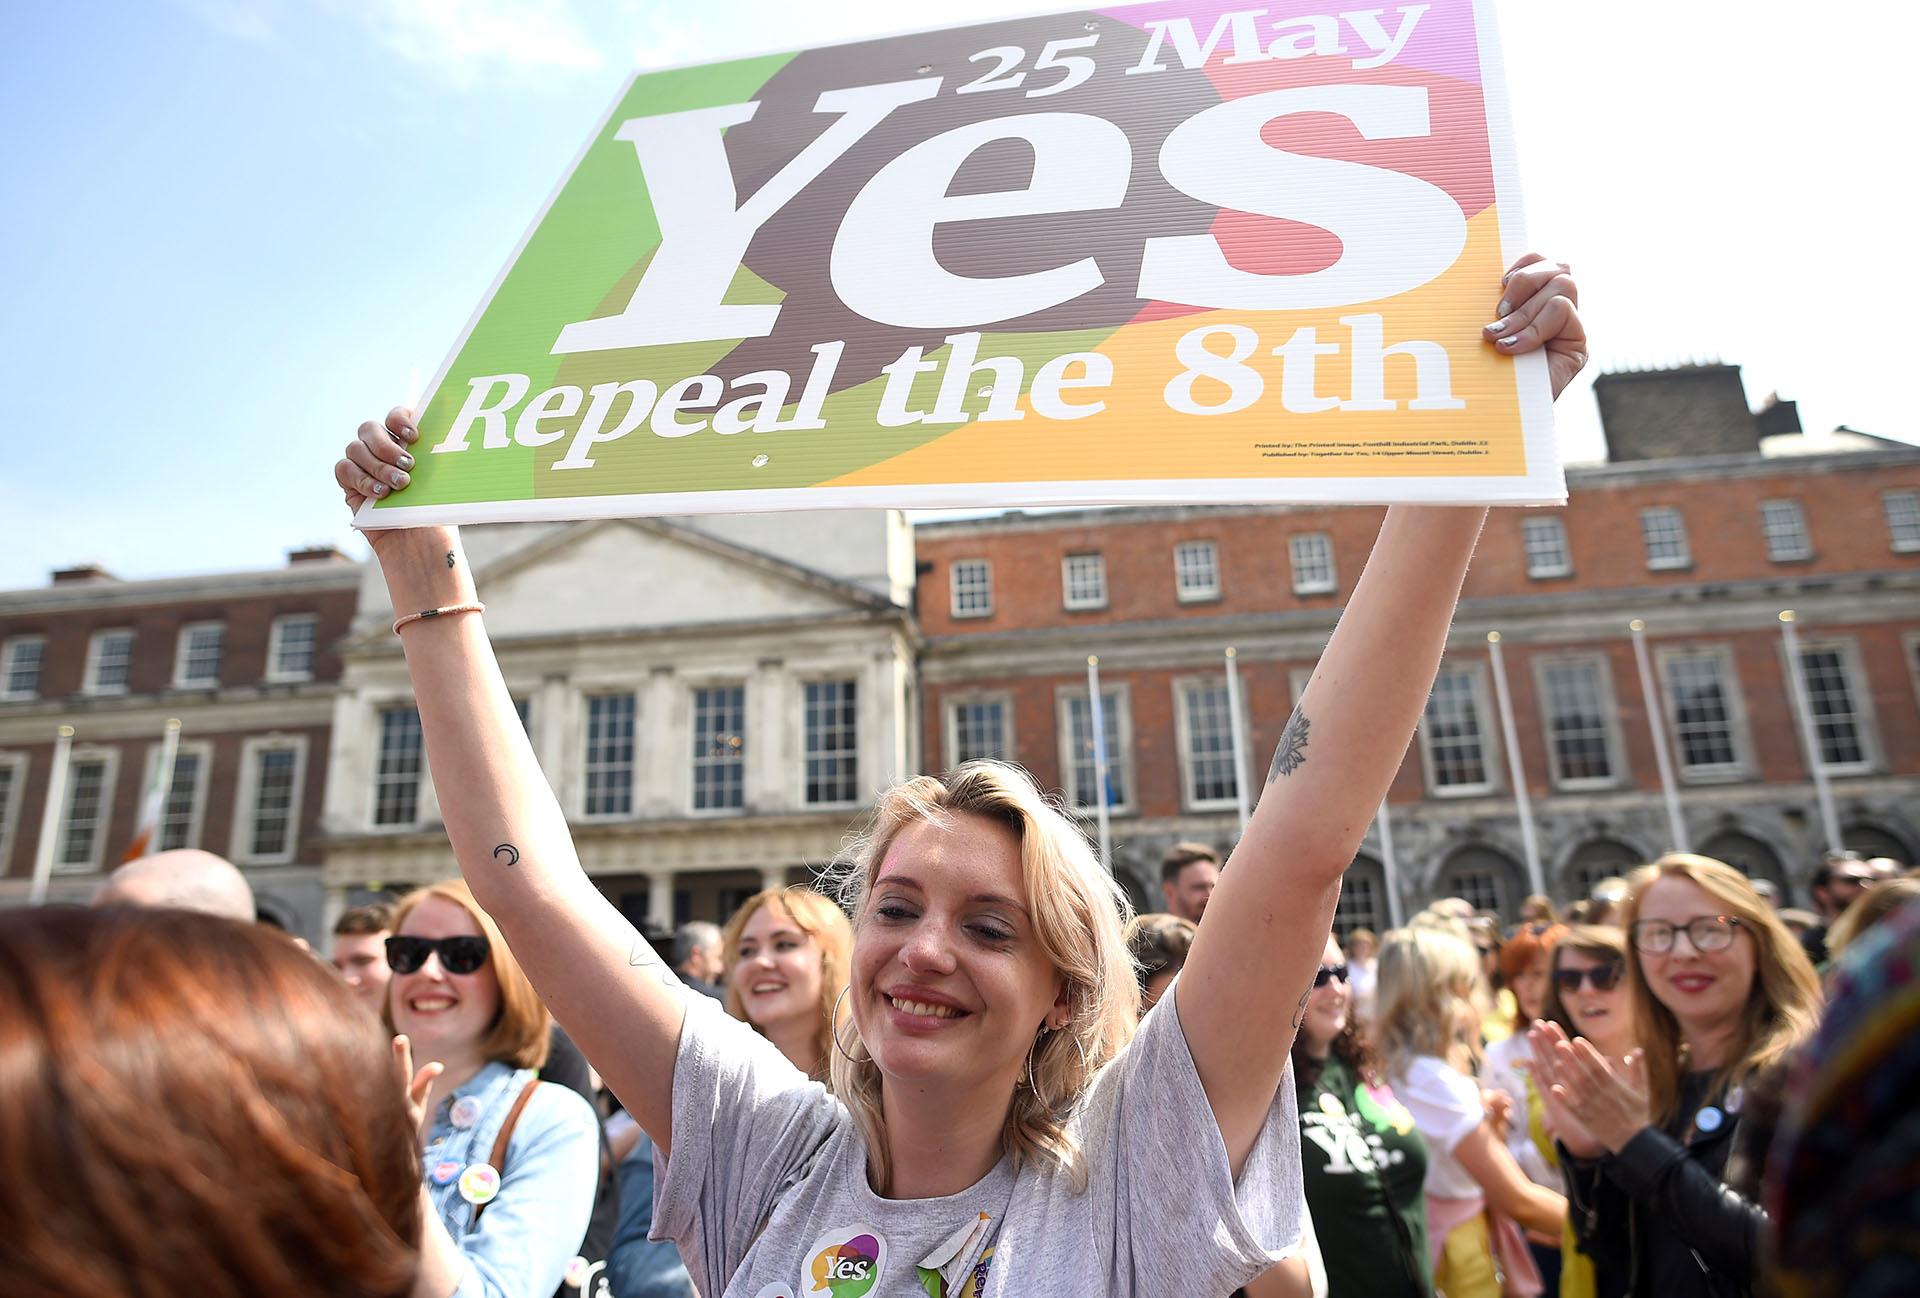 Una mujer sostiene un cartel con la consigna Si, a favor de la legalización del aborto (REUTERS/Clodagh Kilcoyne)